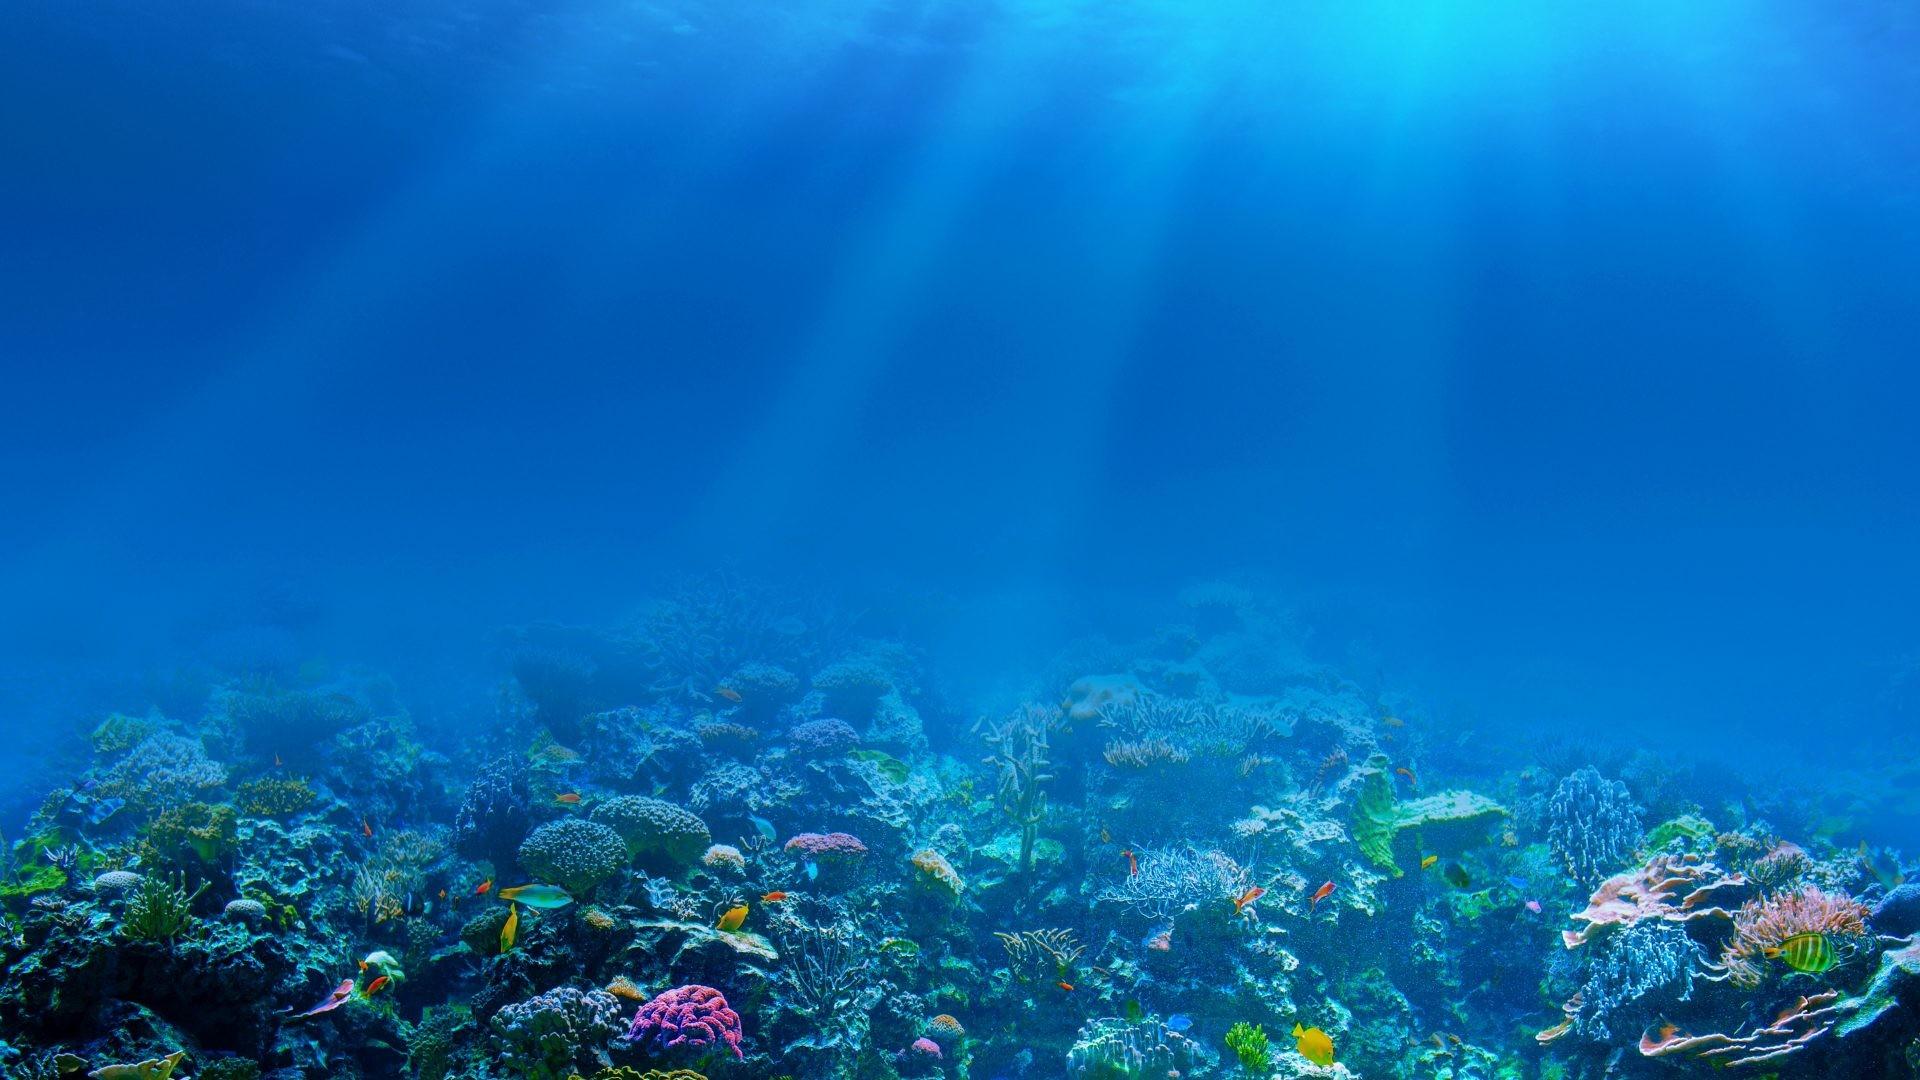 66+ Under Ocean Wallpapers on WallpaperPlay.